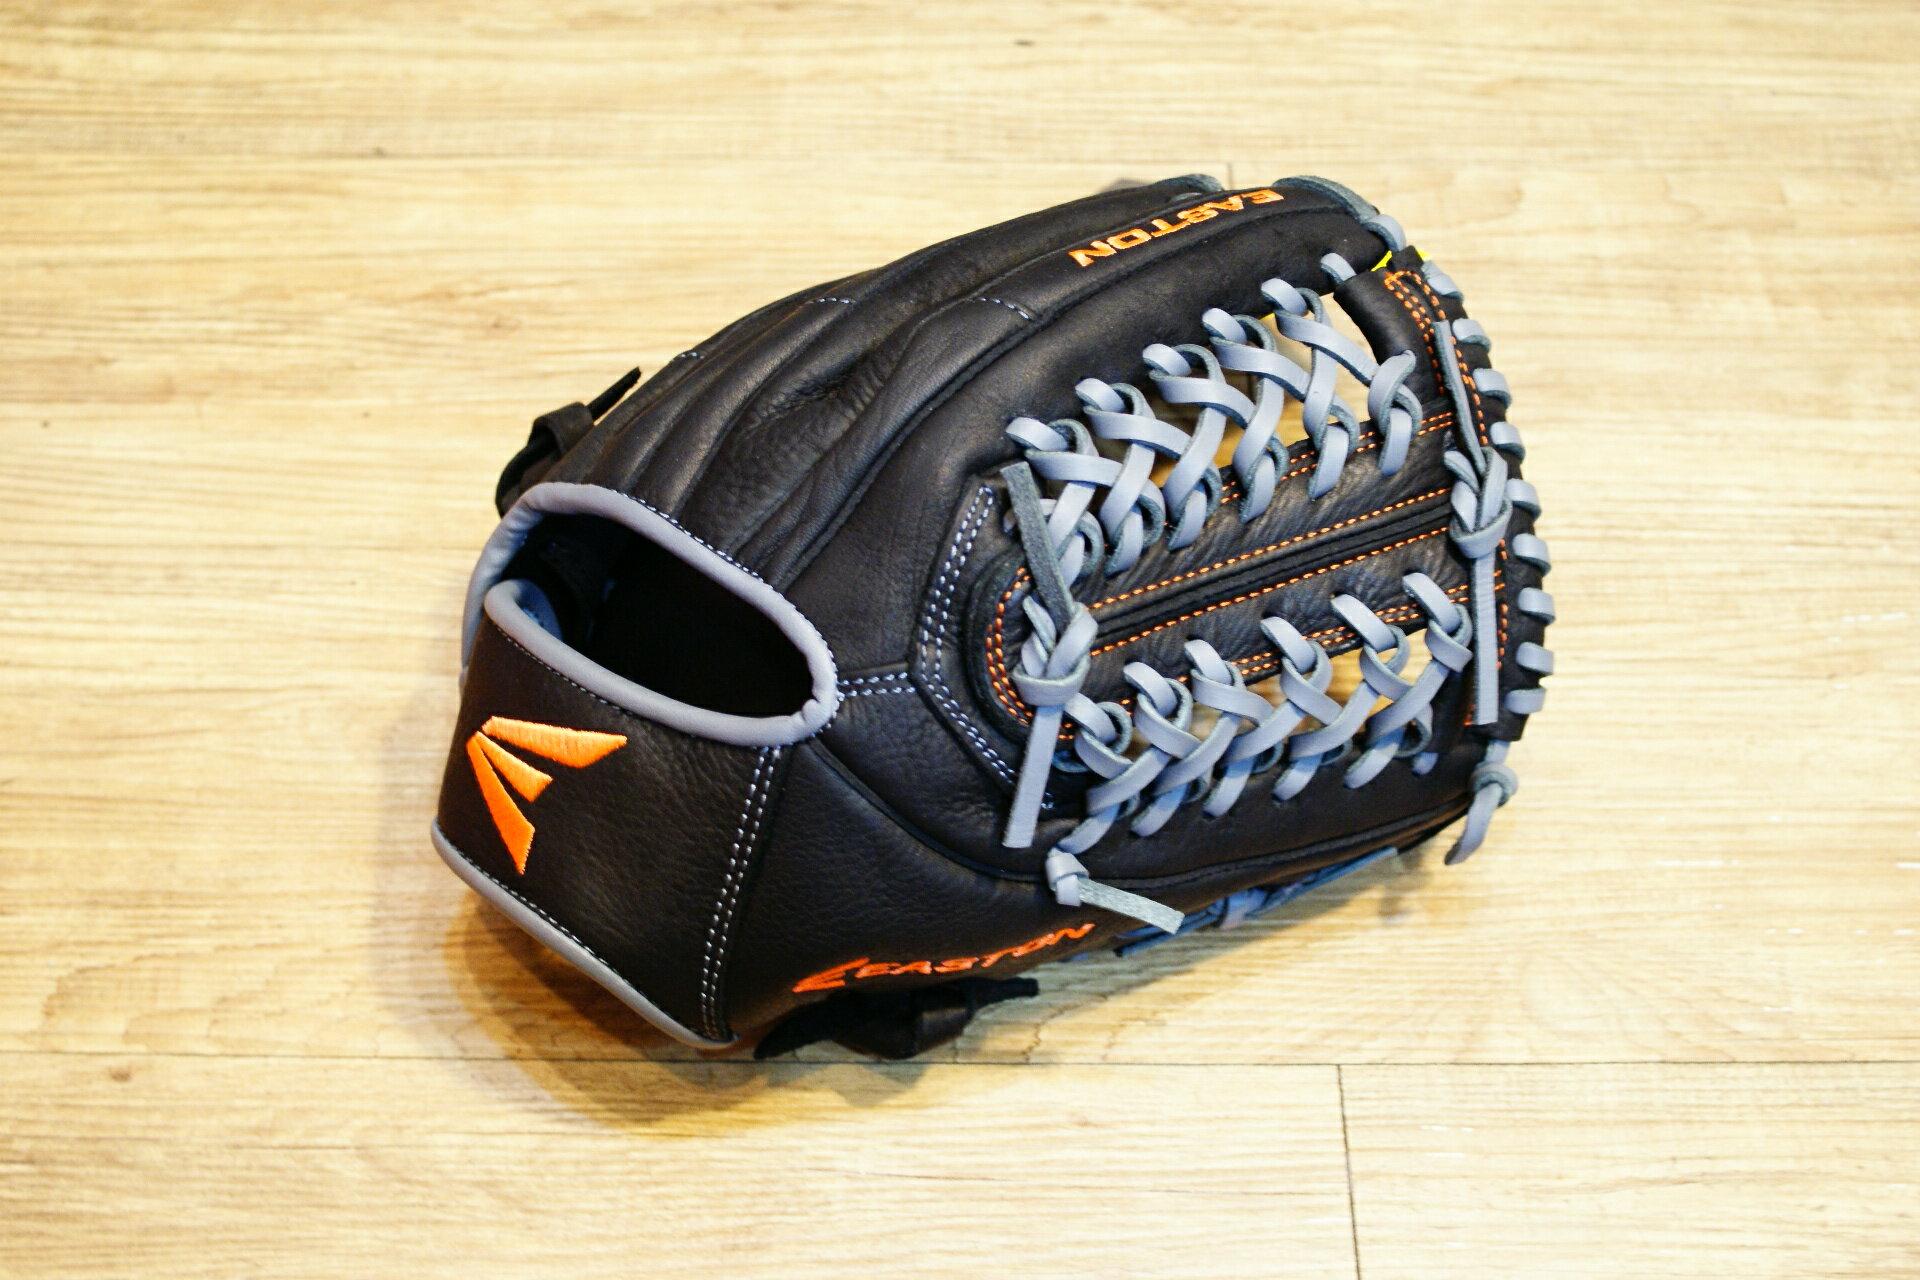 棒球世界 全新16年EASTON 美國進口牛皮內野手網狀手套 特價 黑灰配色